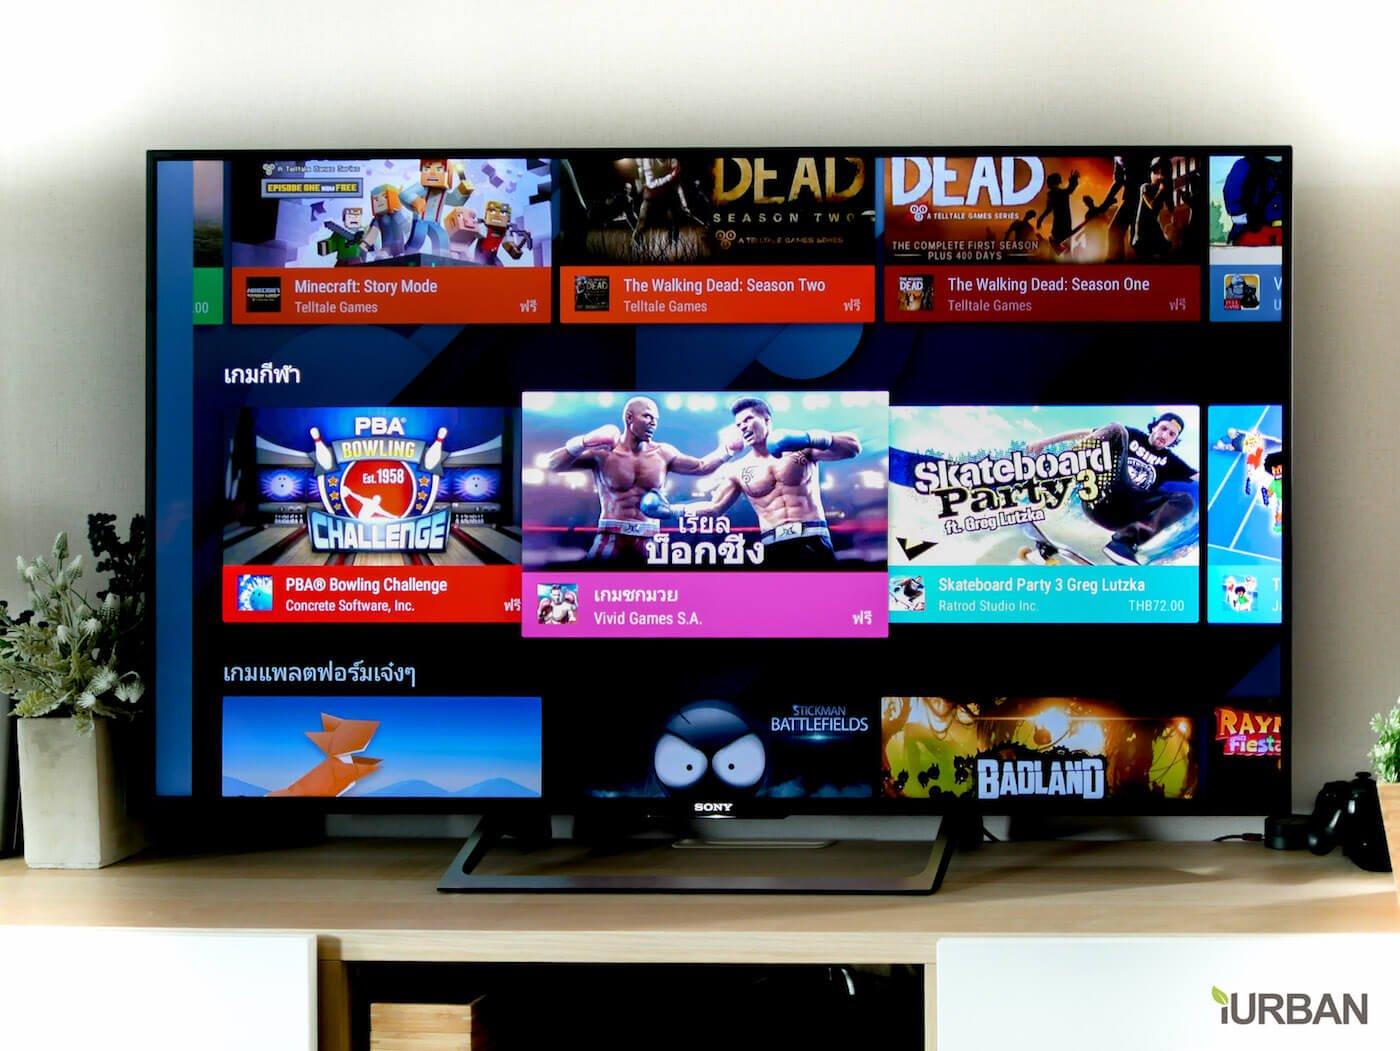 SONY X8500E 4K-HDR Android TV นวัตกรรมที่จะเปลี่ยนชีวิตกับทีวี ให้ไม่เหมือนเดิมอีกต่อไป 25 - Android